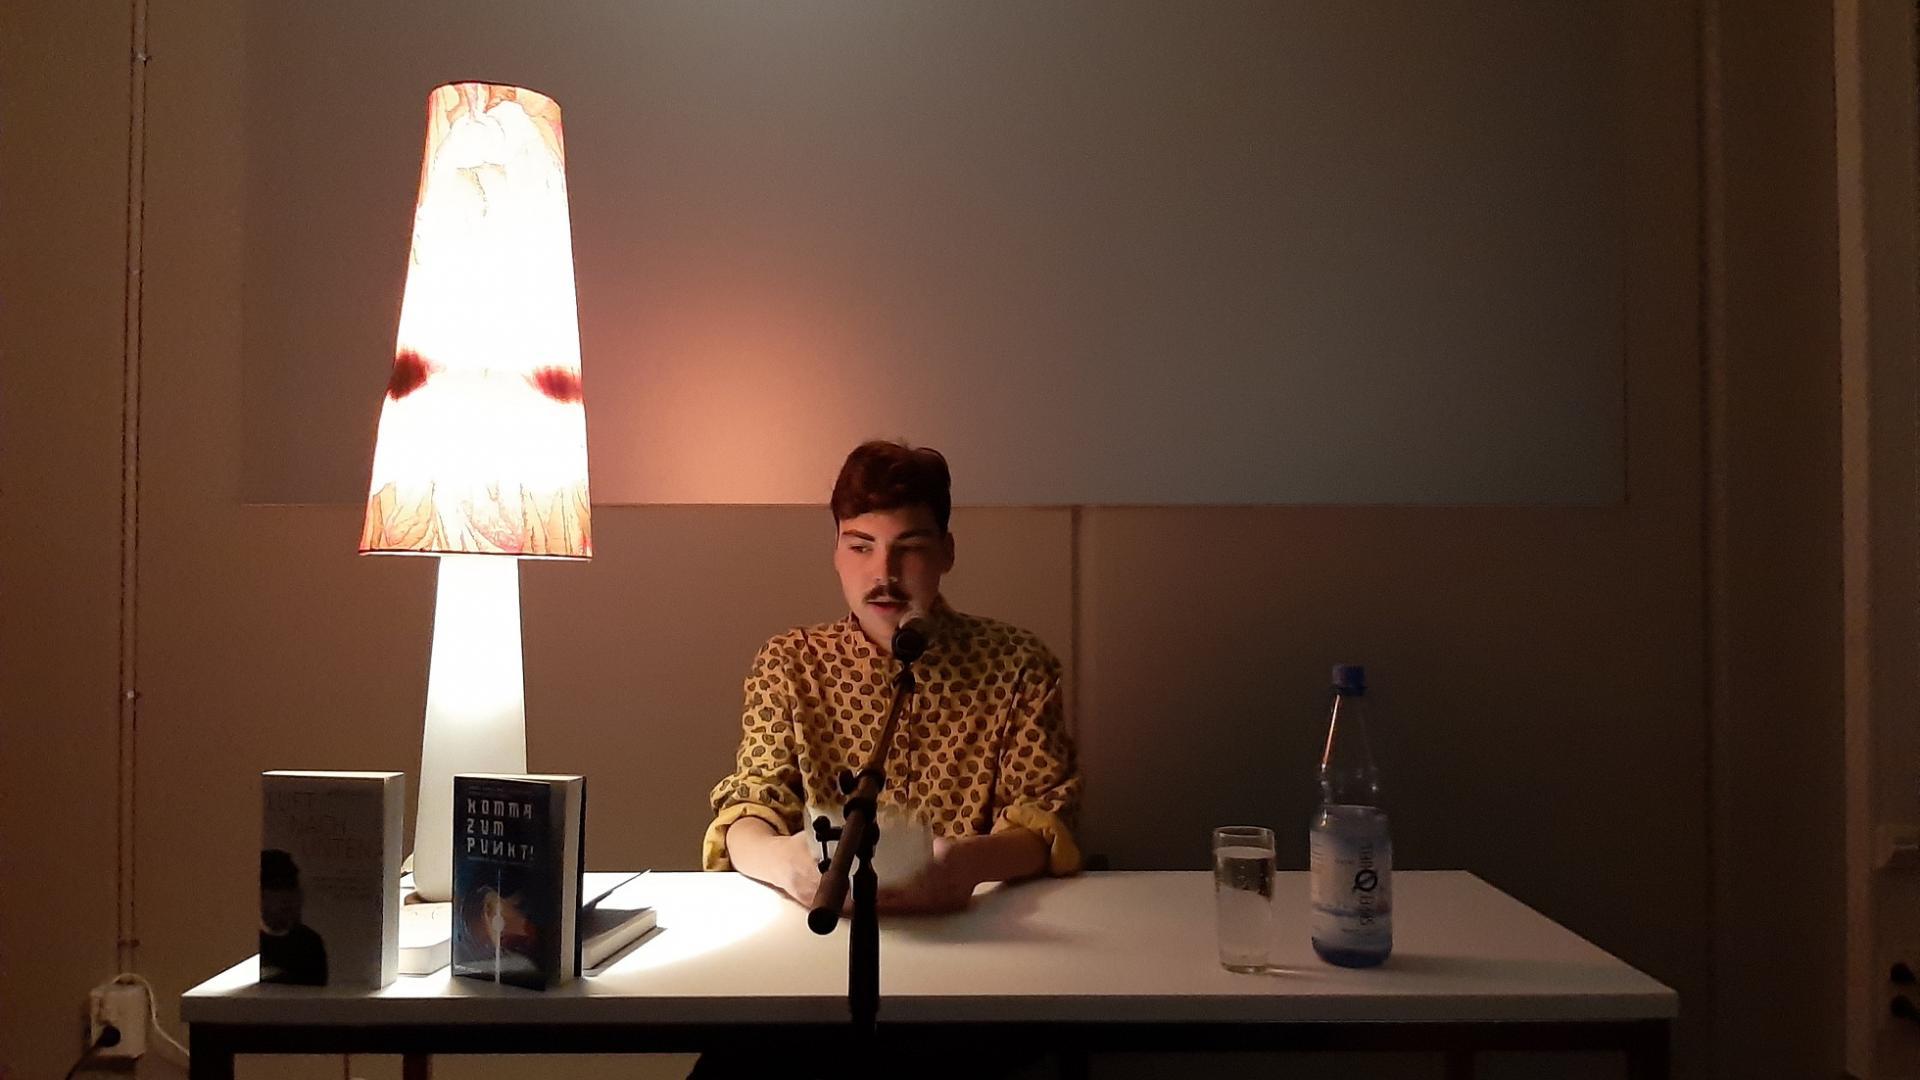 dunkelhaariger Mann liest Buch am Tisch